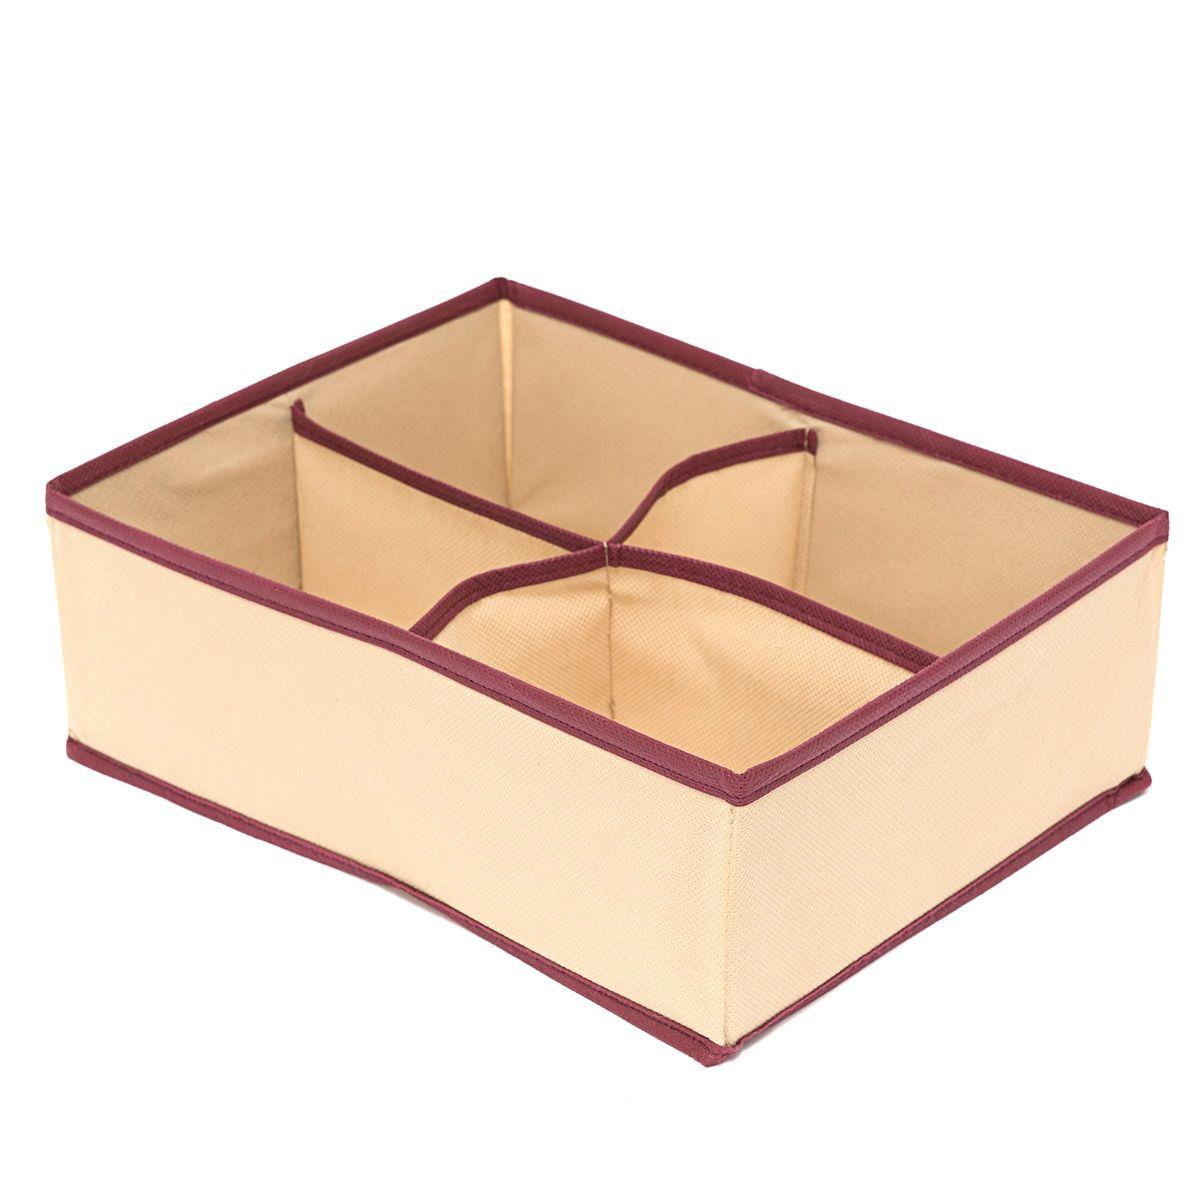 Органайзер Homsu Comfort, 4 секции, цвет: бежевый, 31 x 24 x 11 смS03301004Прямоугольный и плоский органайзер имеет 4 раздельных ячейки, он очень удобен для хранения вещей среднего размера в вашем ящике или на полке. Идеально для белья, шапок, рукавиц и других вещей ежедневного пользования. Имеет жесткие борта, что является гарантией сохранности вещей. Размер изделия:31x24x11см